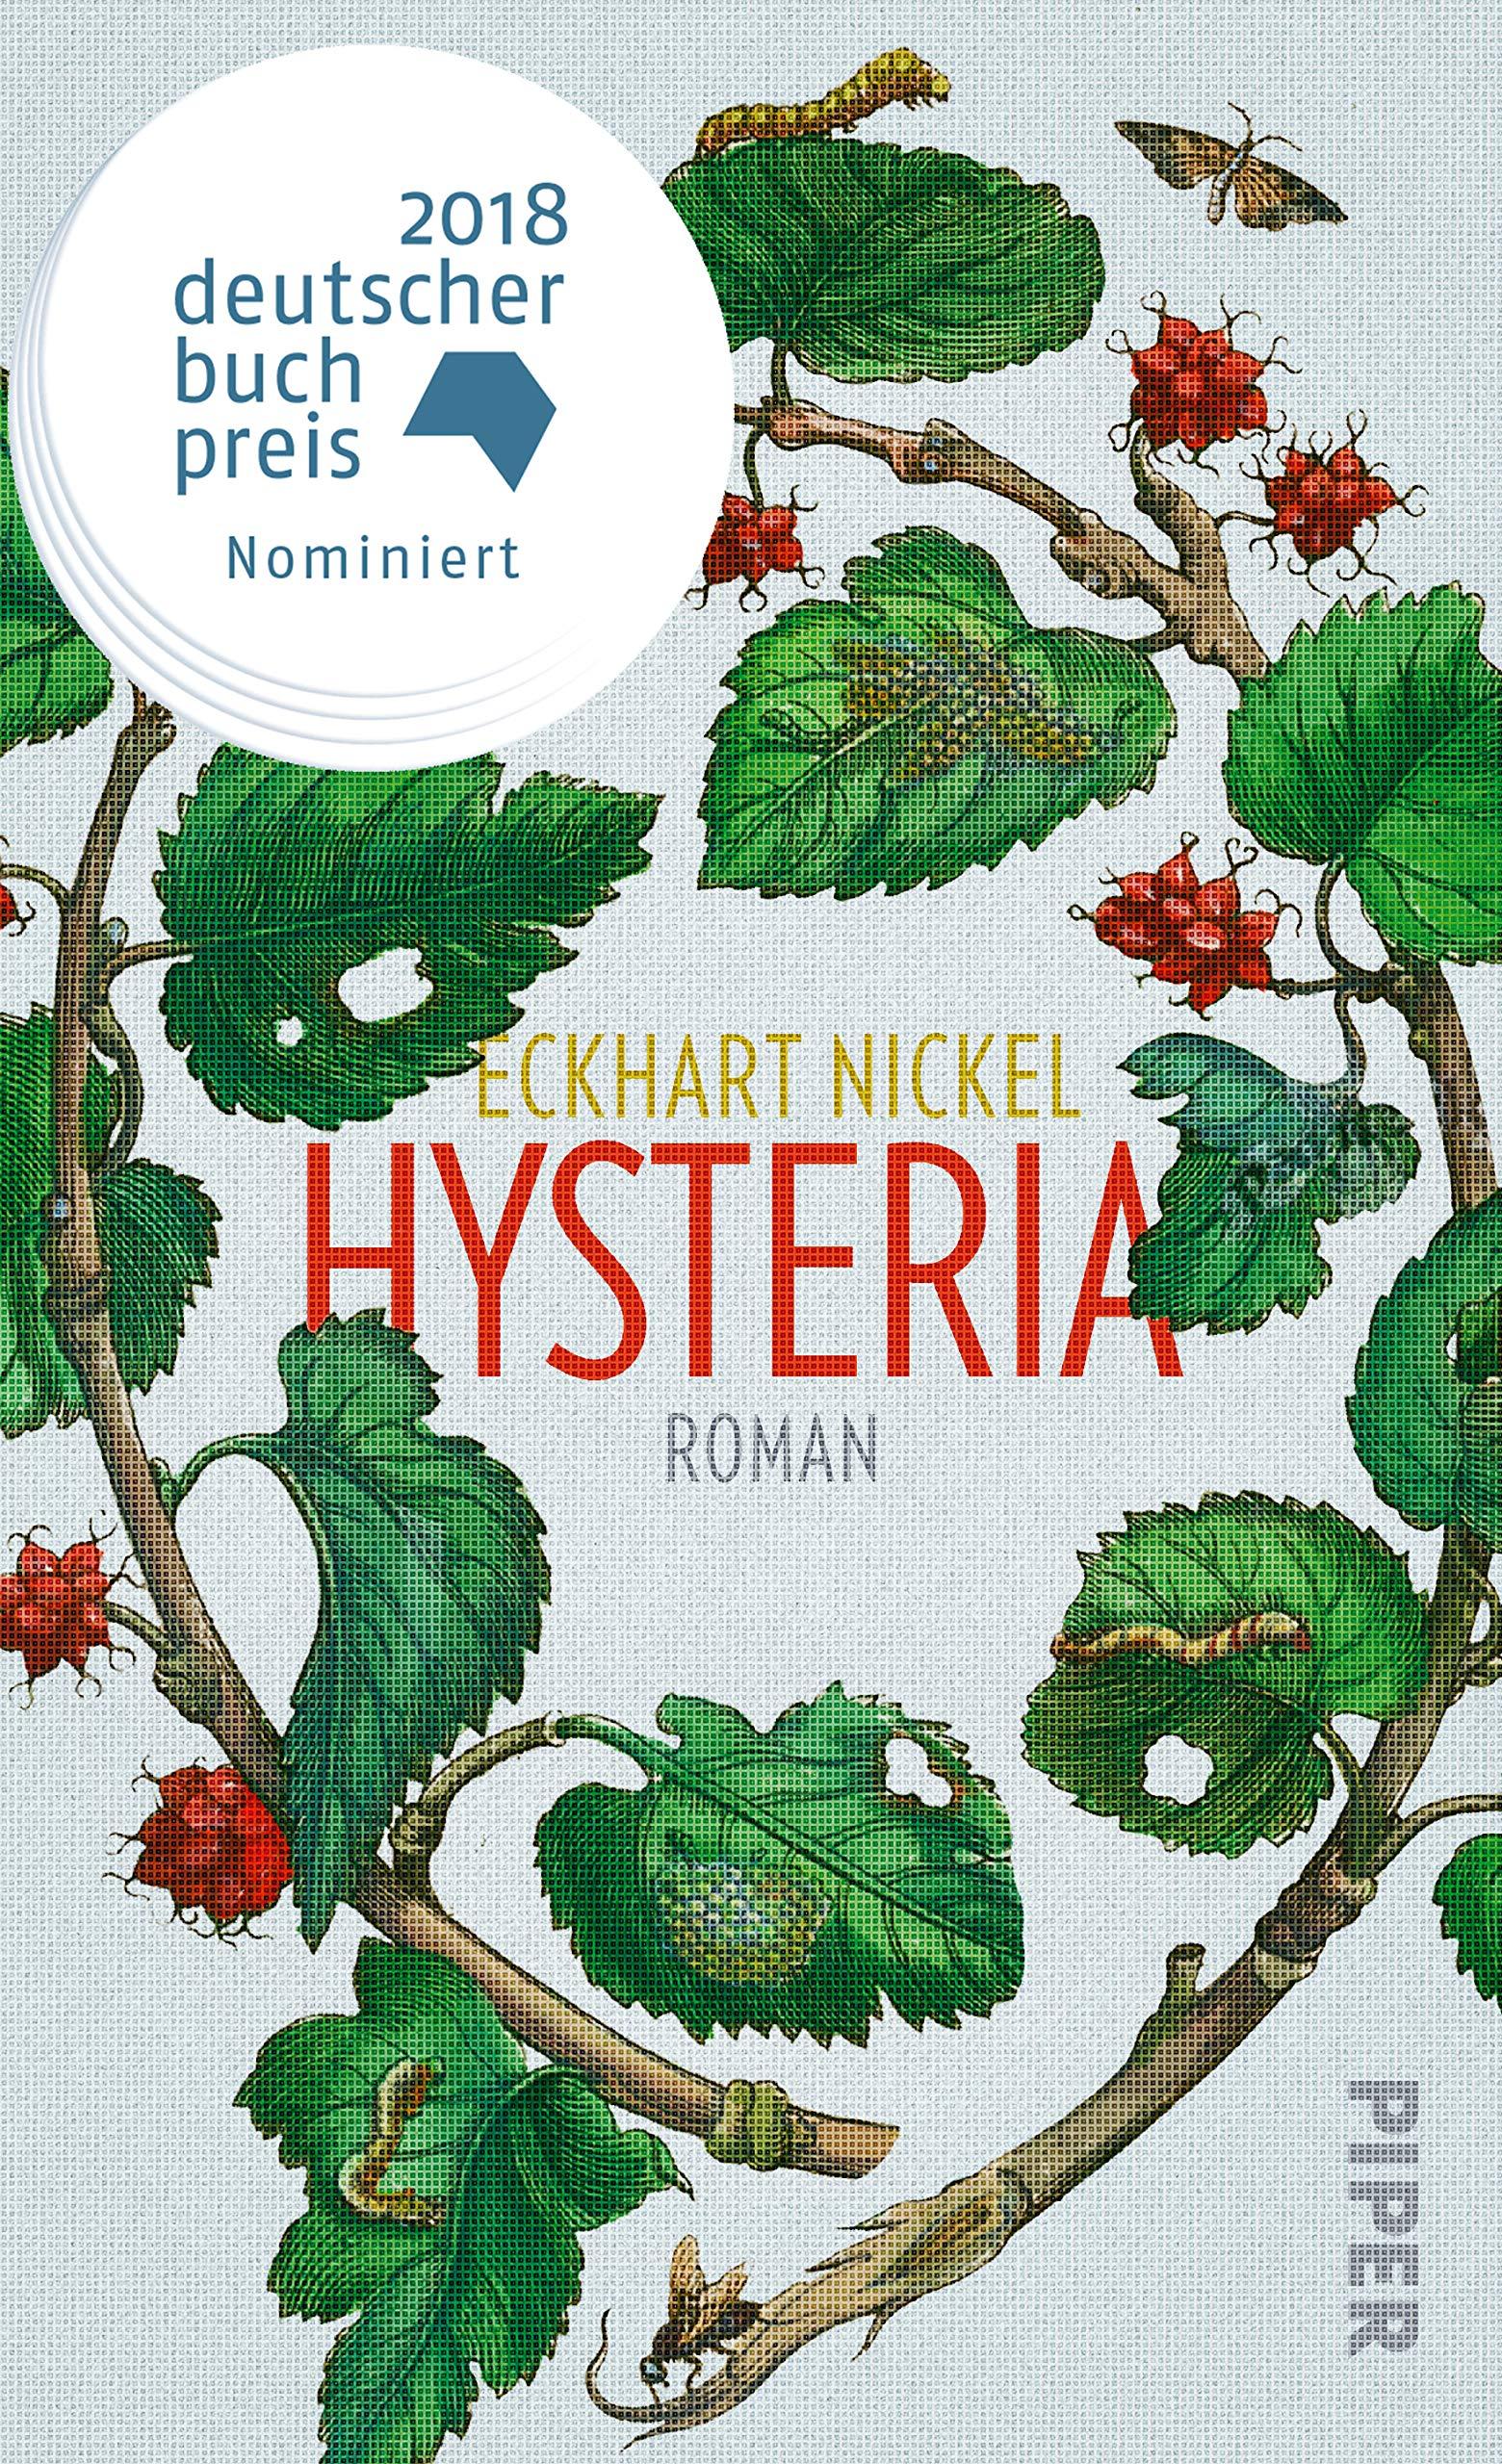 Eckhart Nickel  : Hysteria